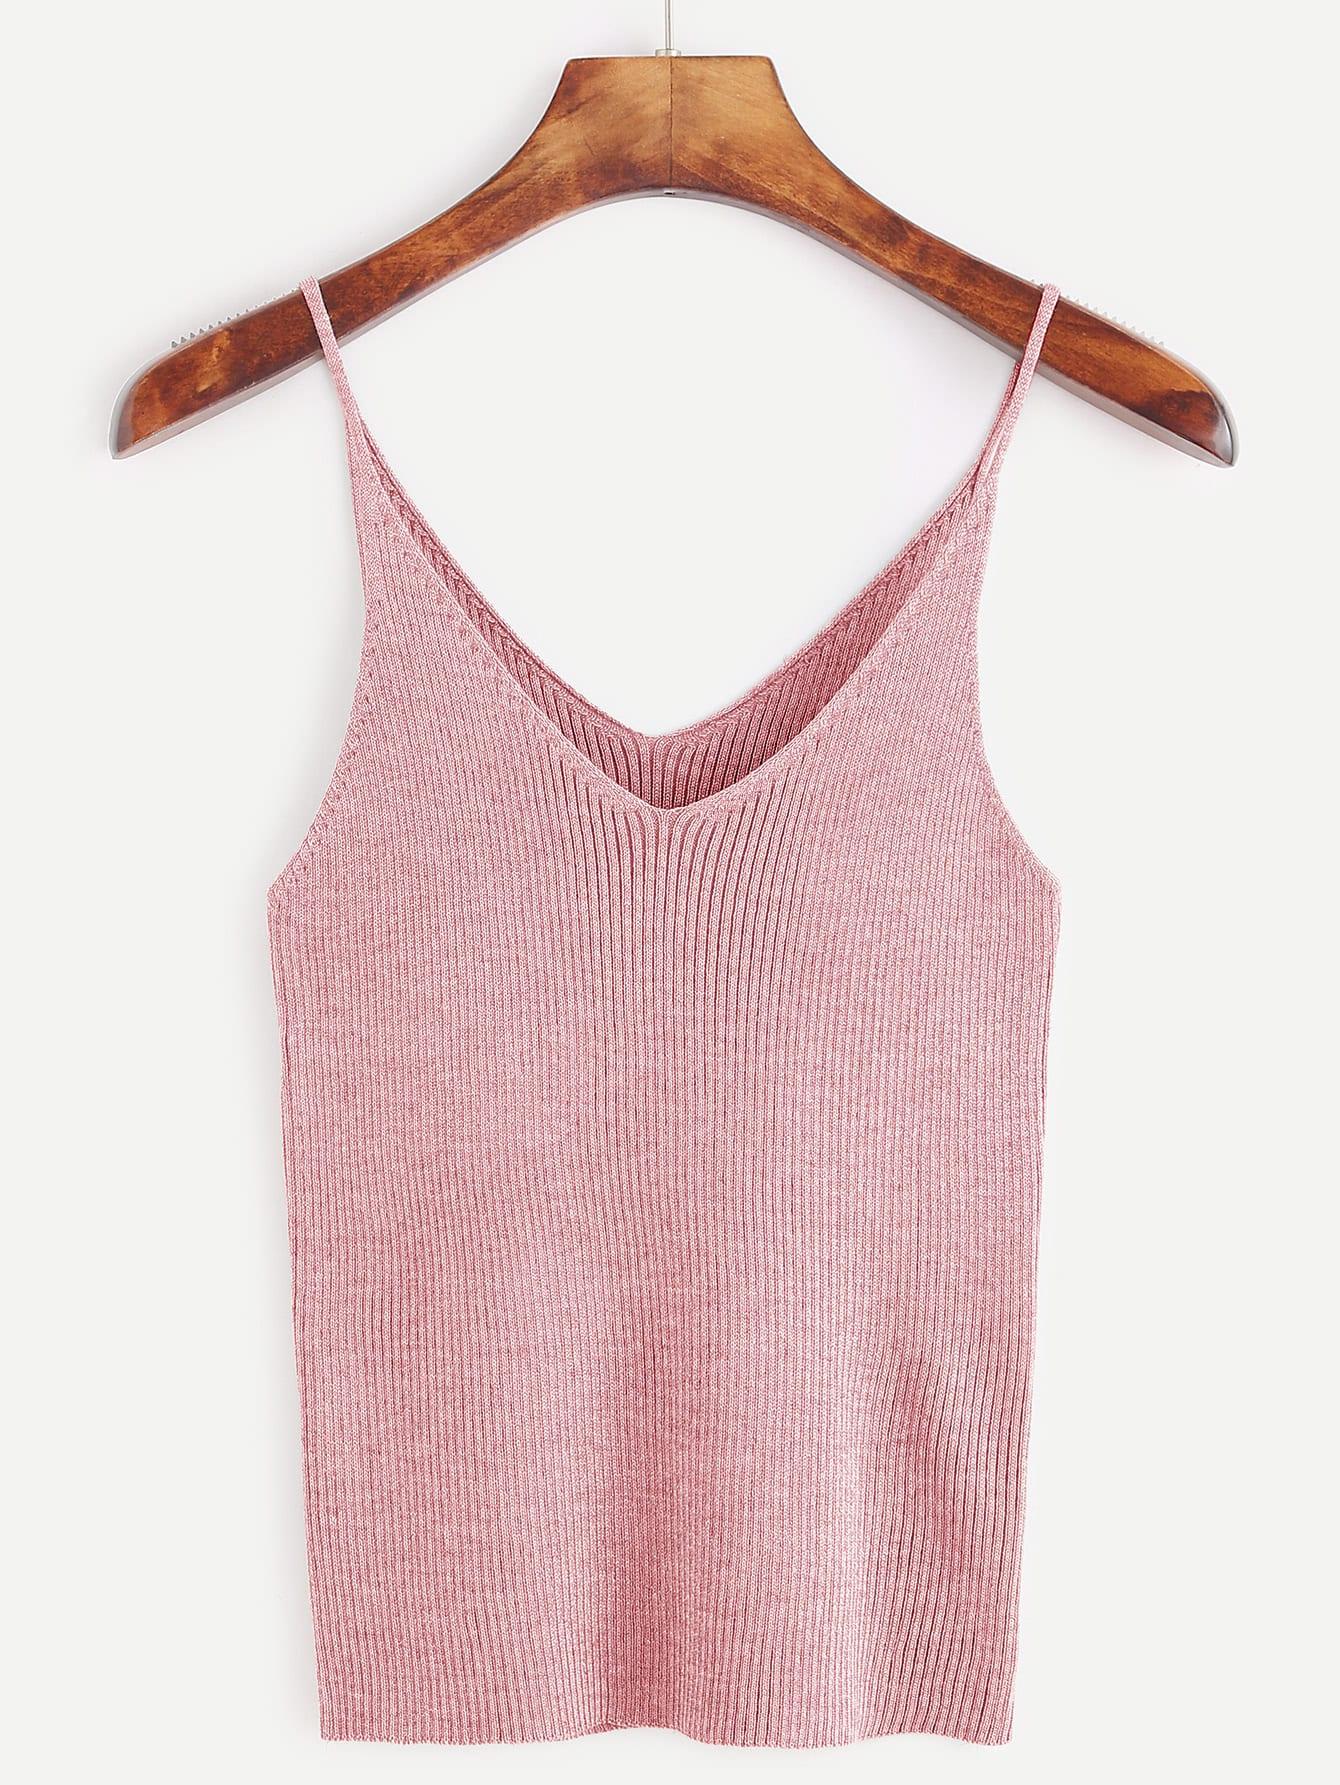 Pink Ribbed Knit Tight Cami Top